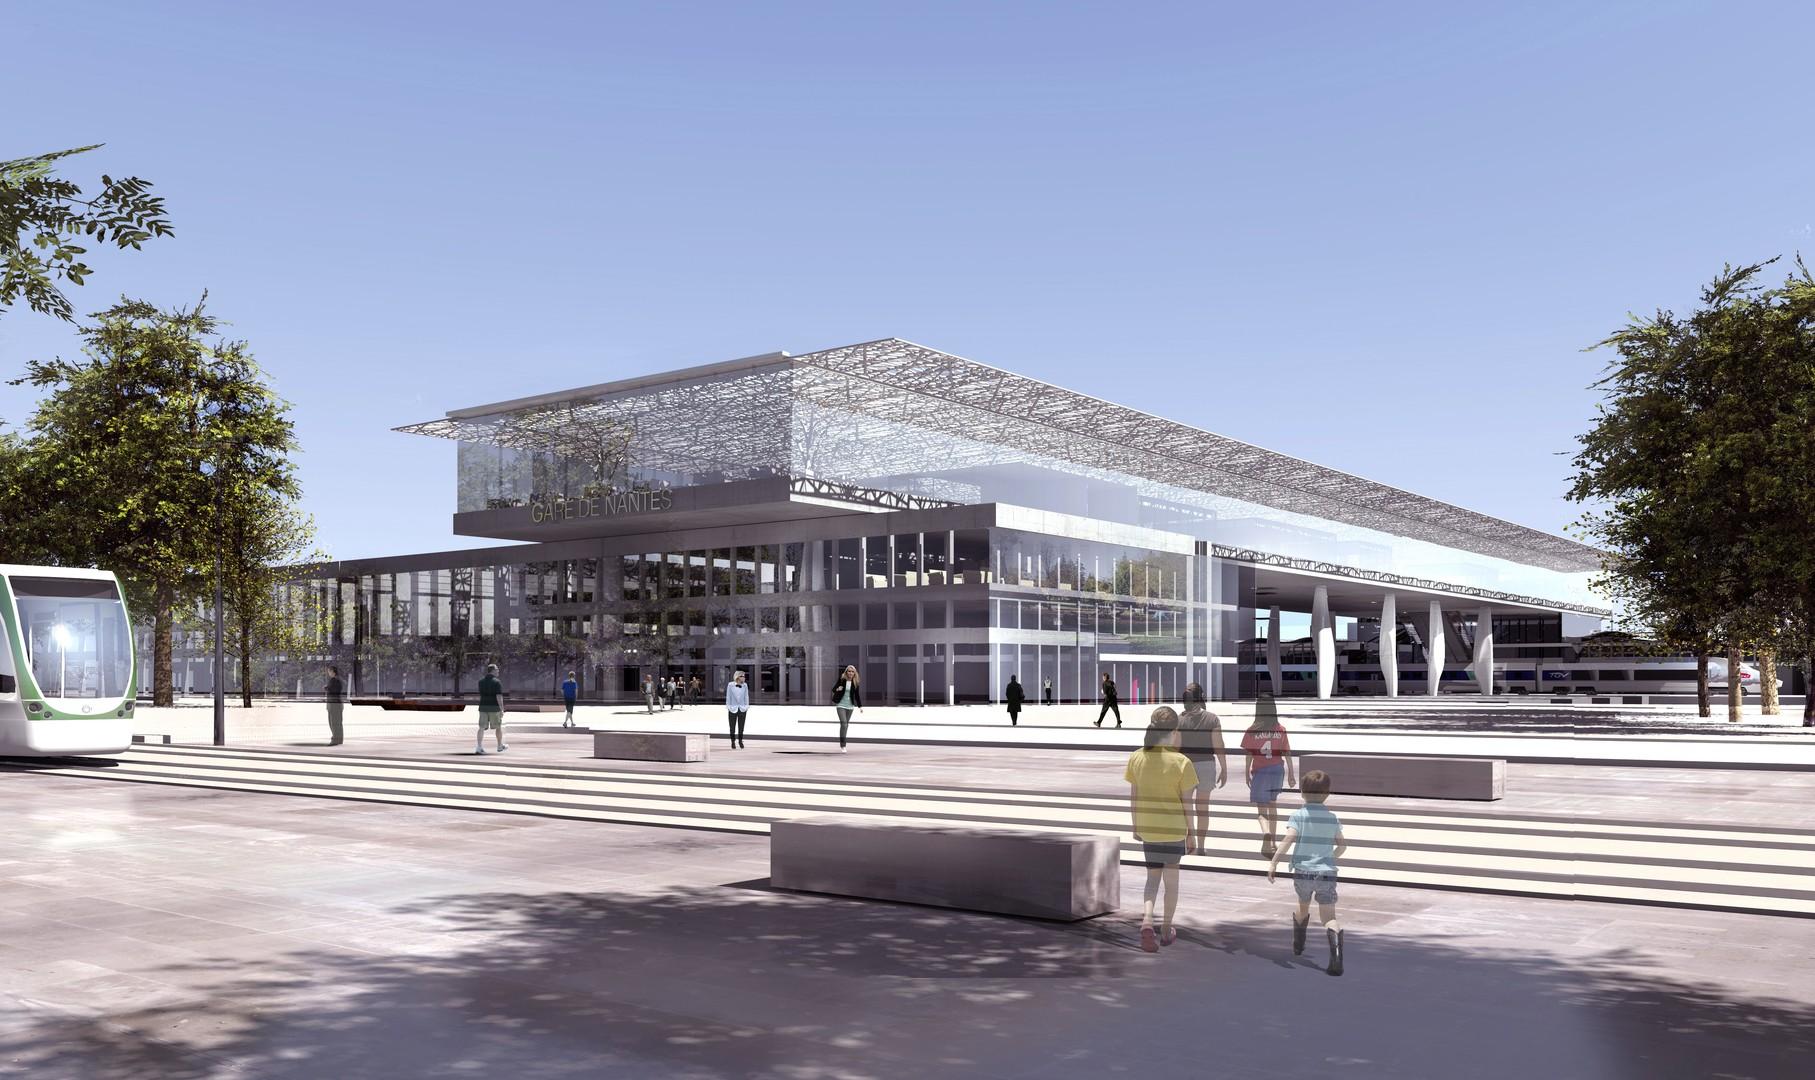 La nouvelle gare de Nantes ouvrira début novembre